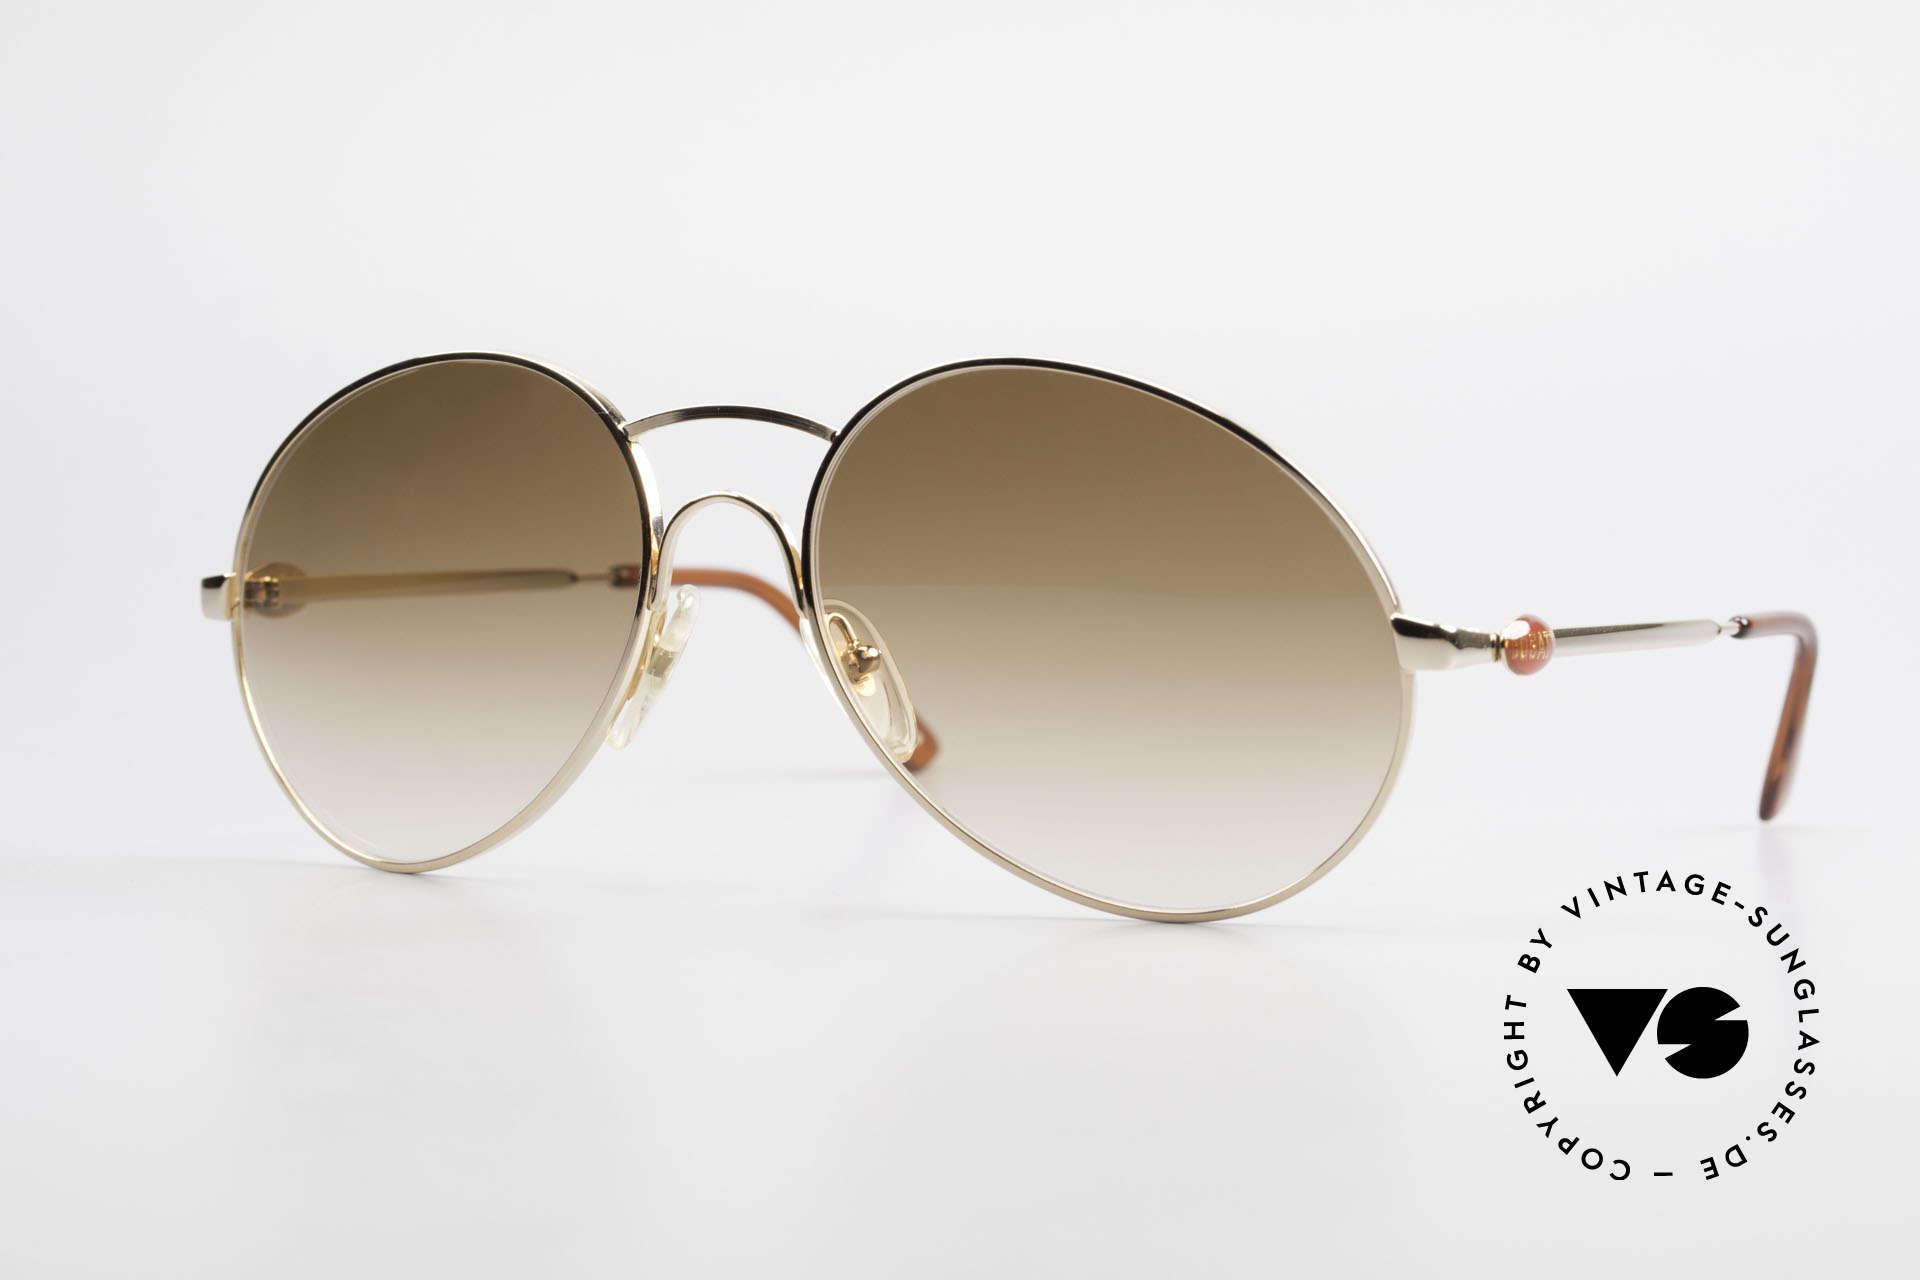 Bugatti 64947 Original 80er XL Sonnenbrille, klassische 80er Bugatti vintage HerrenSonnenbrille, Passend für Herren